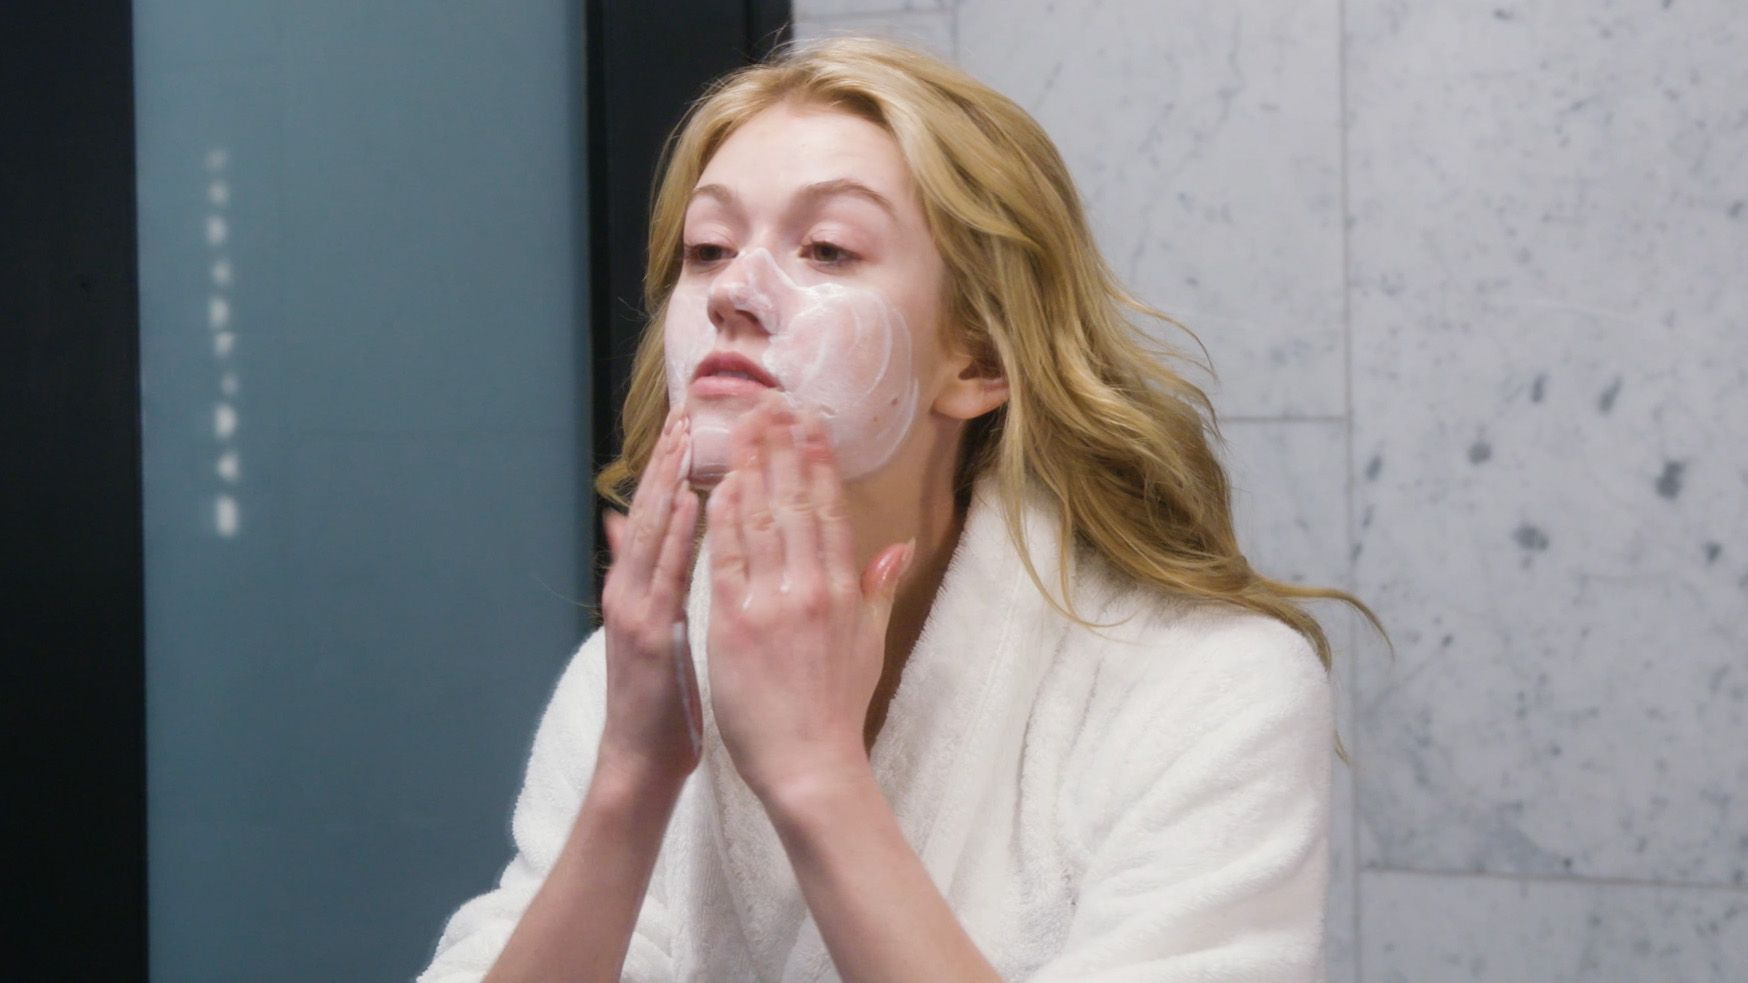 Watch Kat McNamara's Nighttime Beauty Routine